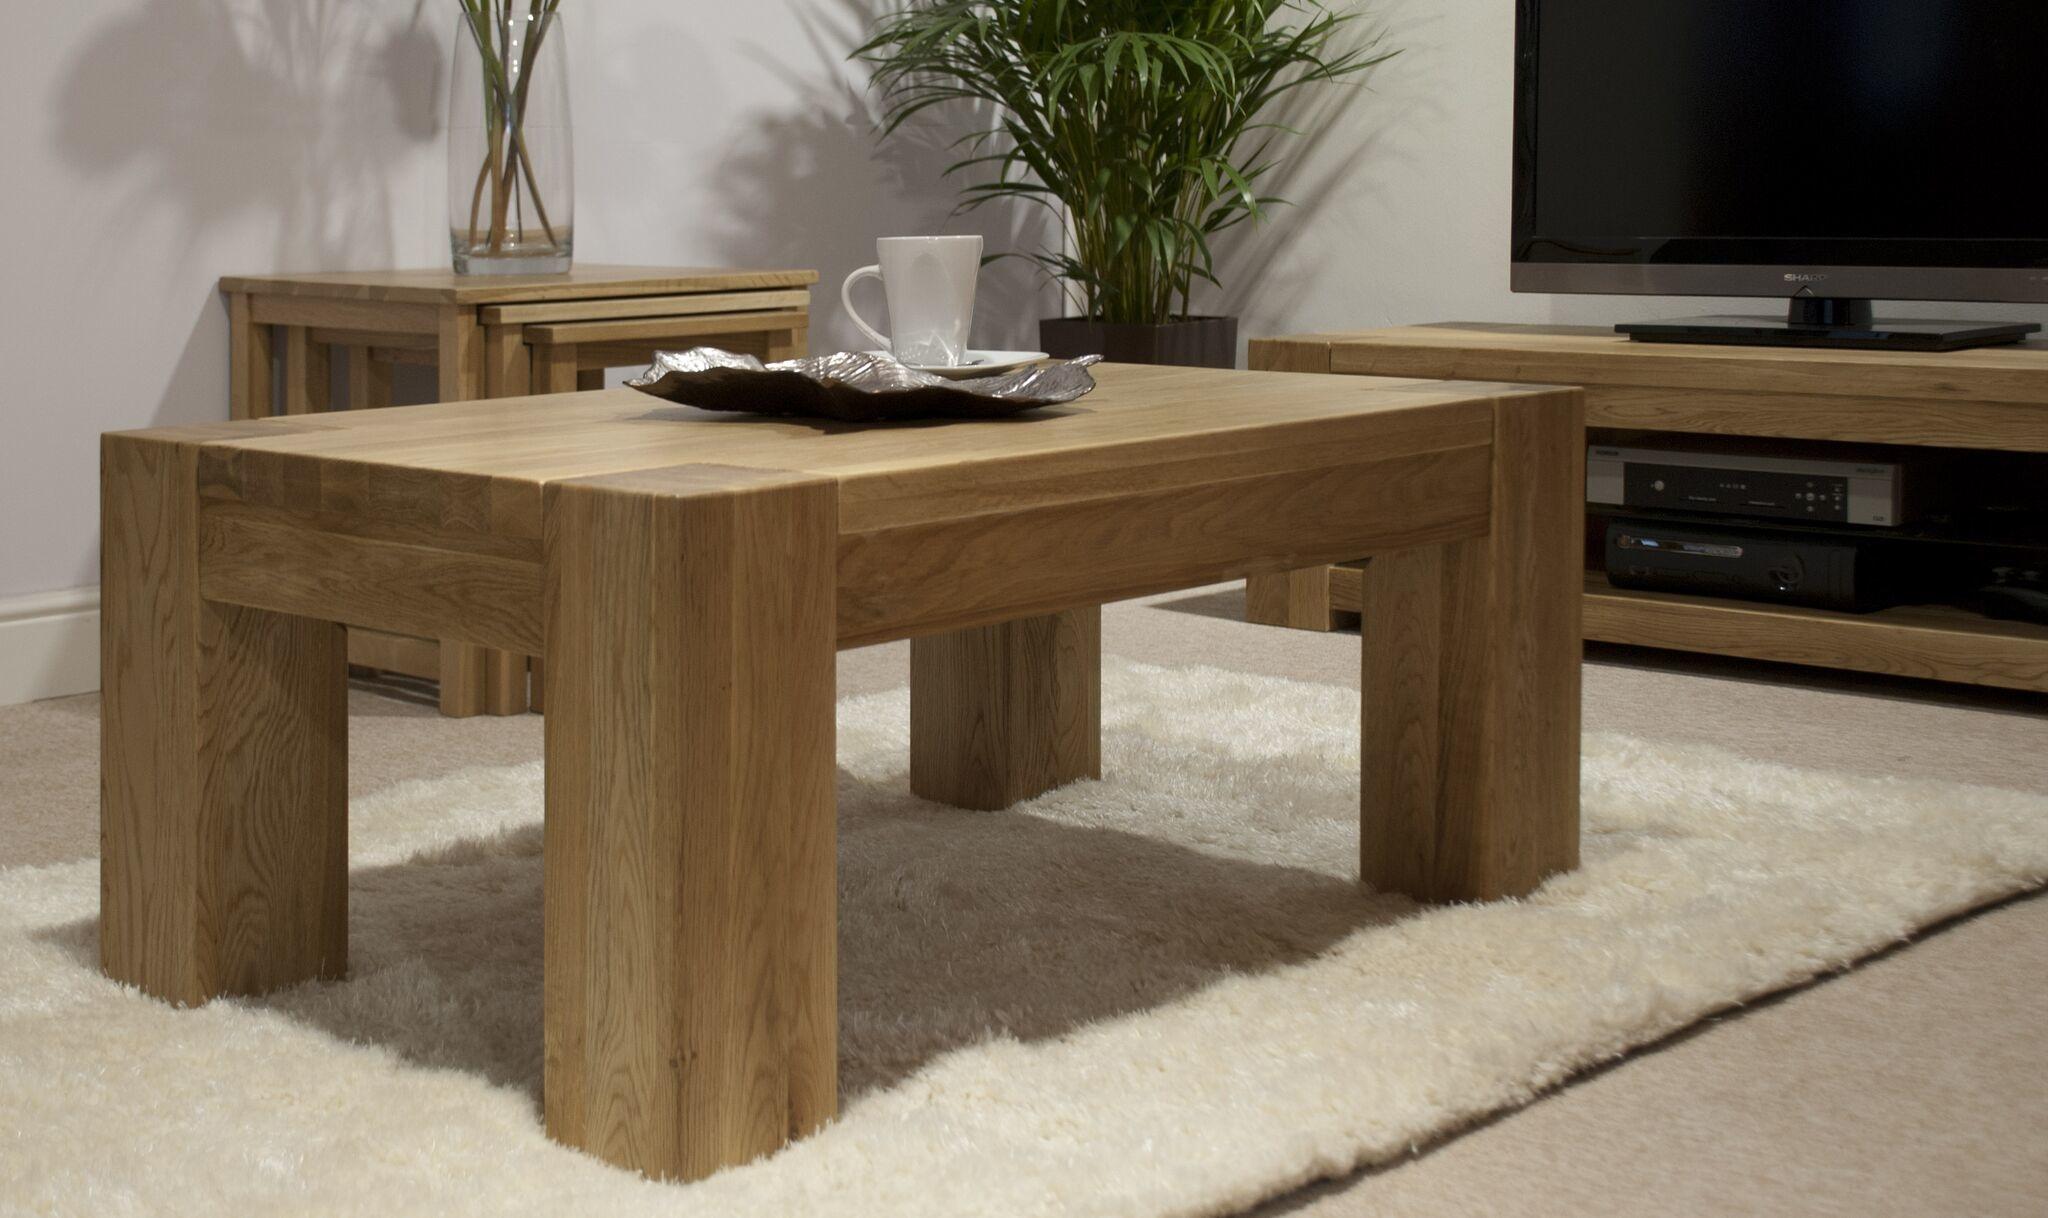 Trend Oak 4 x 2 Coffee Table